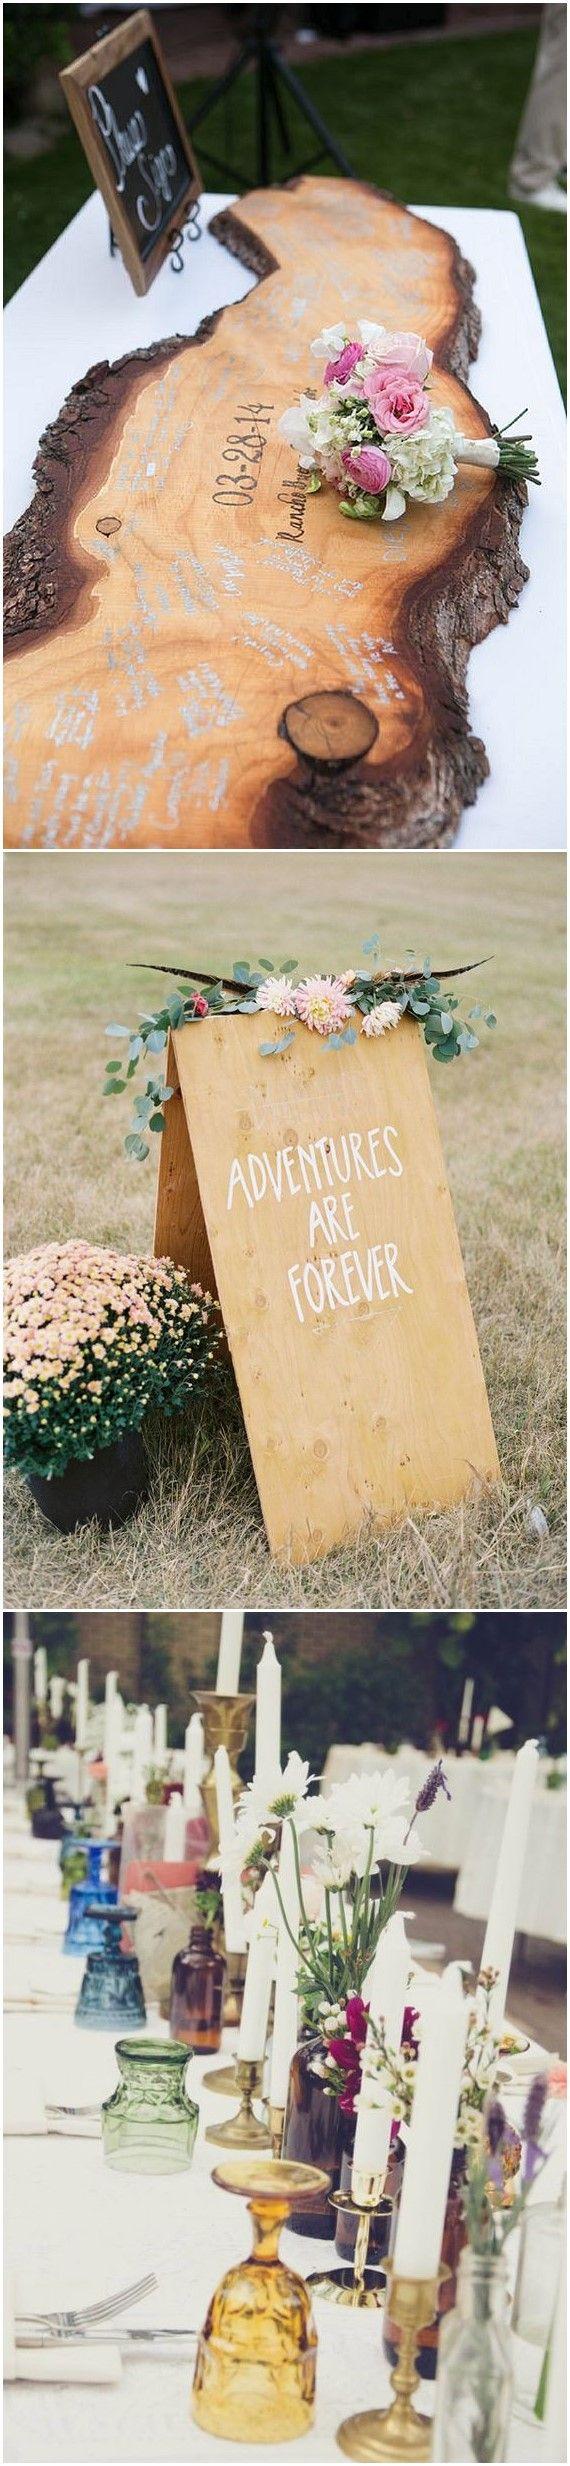 Wooden wedding decor ideas  Wedding Ideas   Gorgeous Boho Wedding Décor Ideas on Pinterest